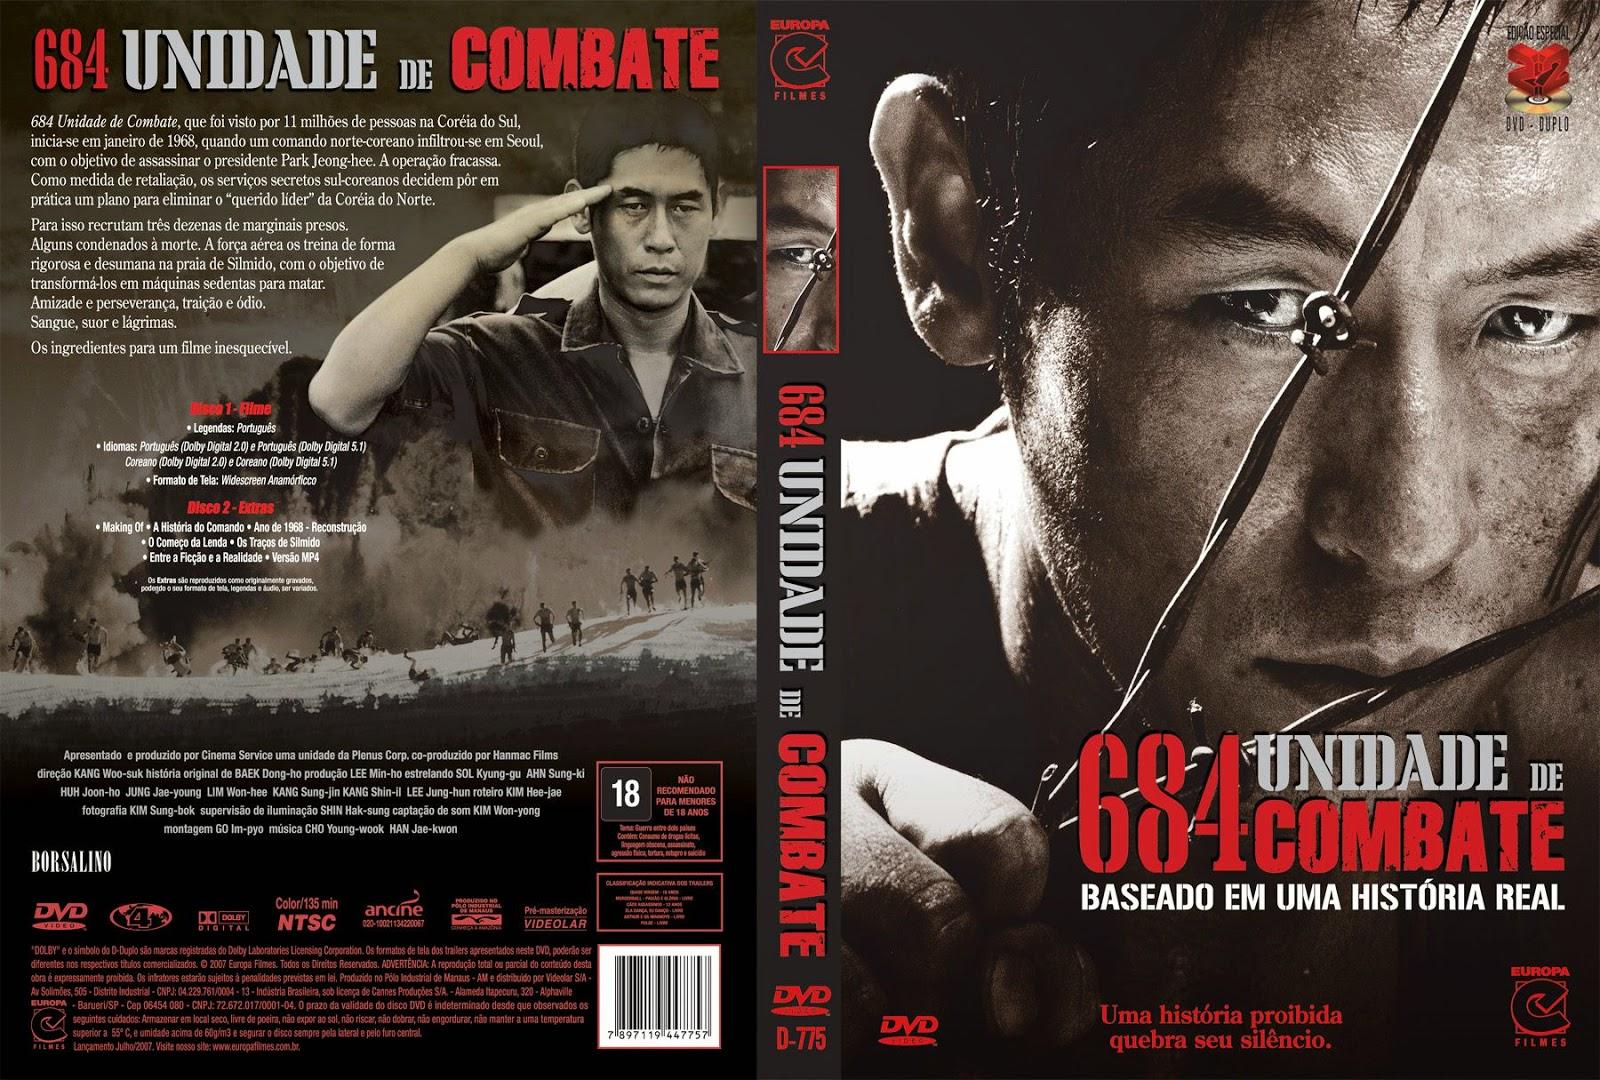 Capa DVD 684 Unidade De Combade